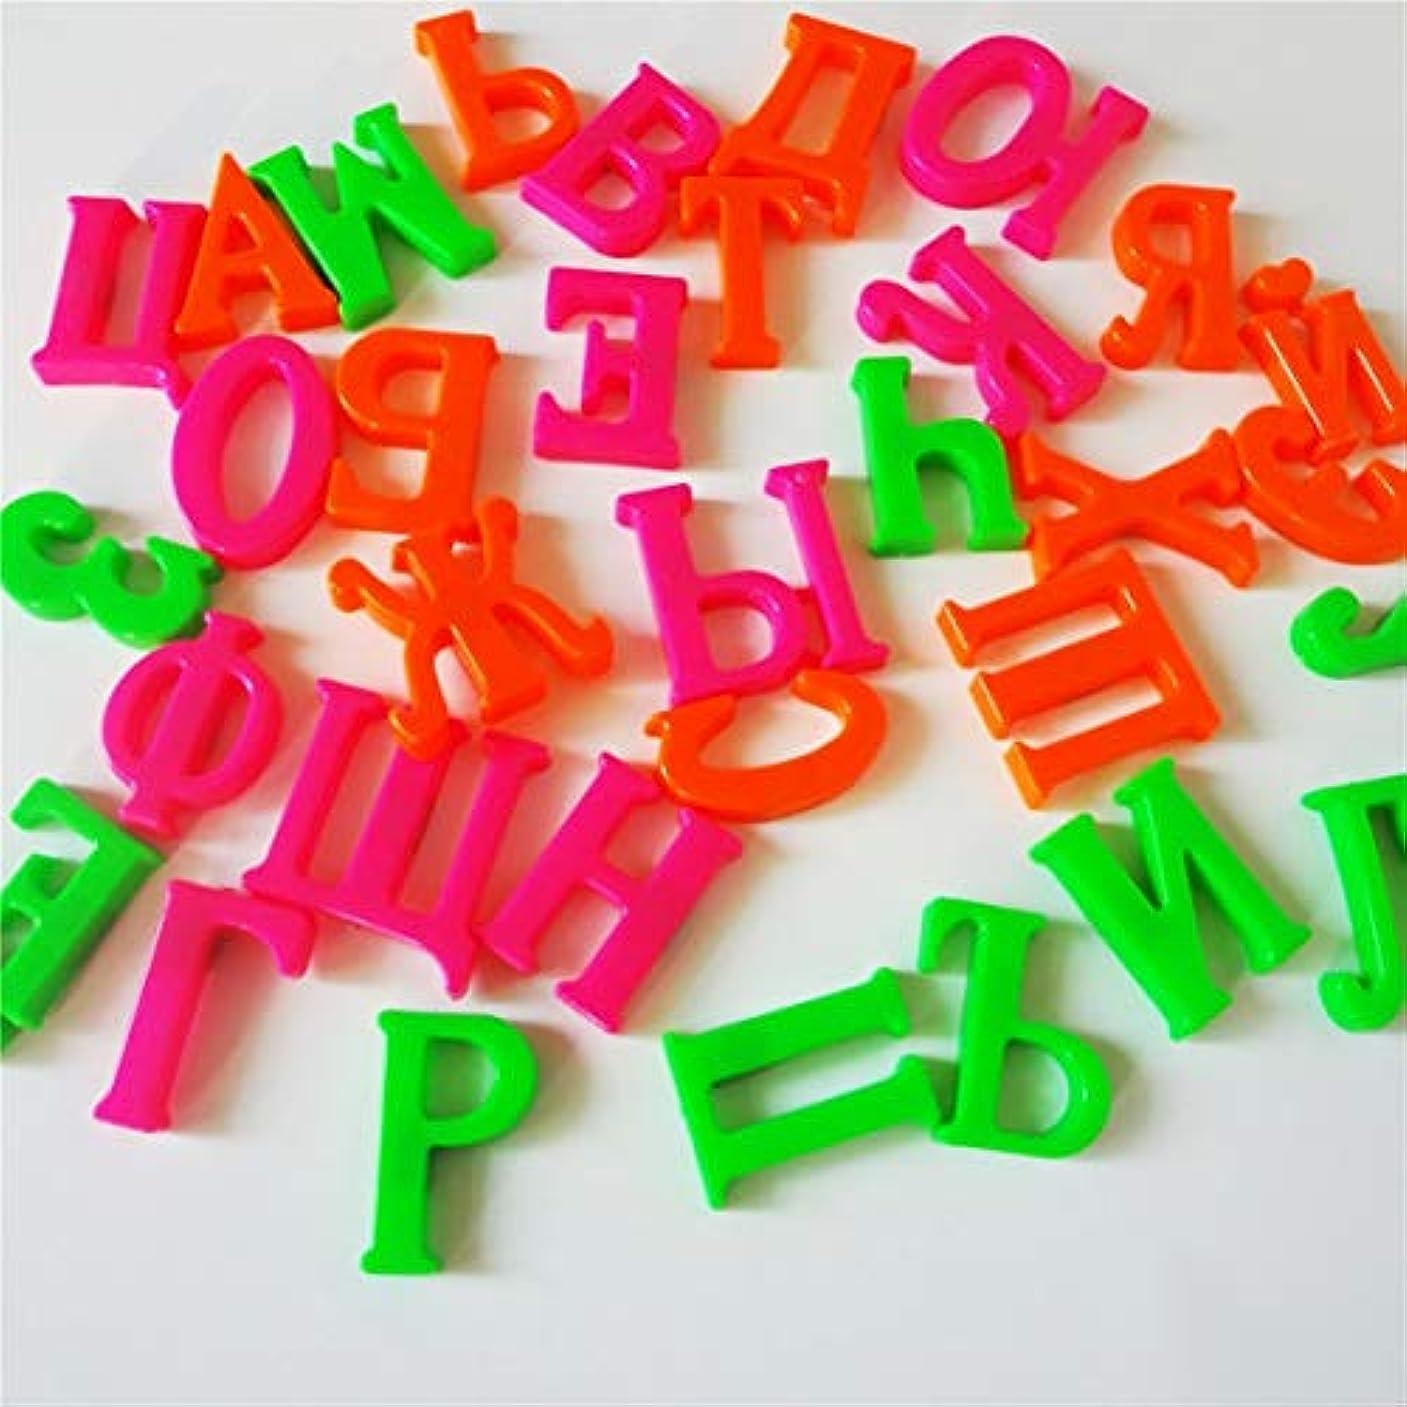 パンサー縁電話をかけるKongqiabona 33個のロシアのアルファベットの冷蔵庫の磁石赤ちゃん教育学習玩具